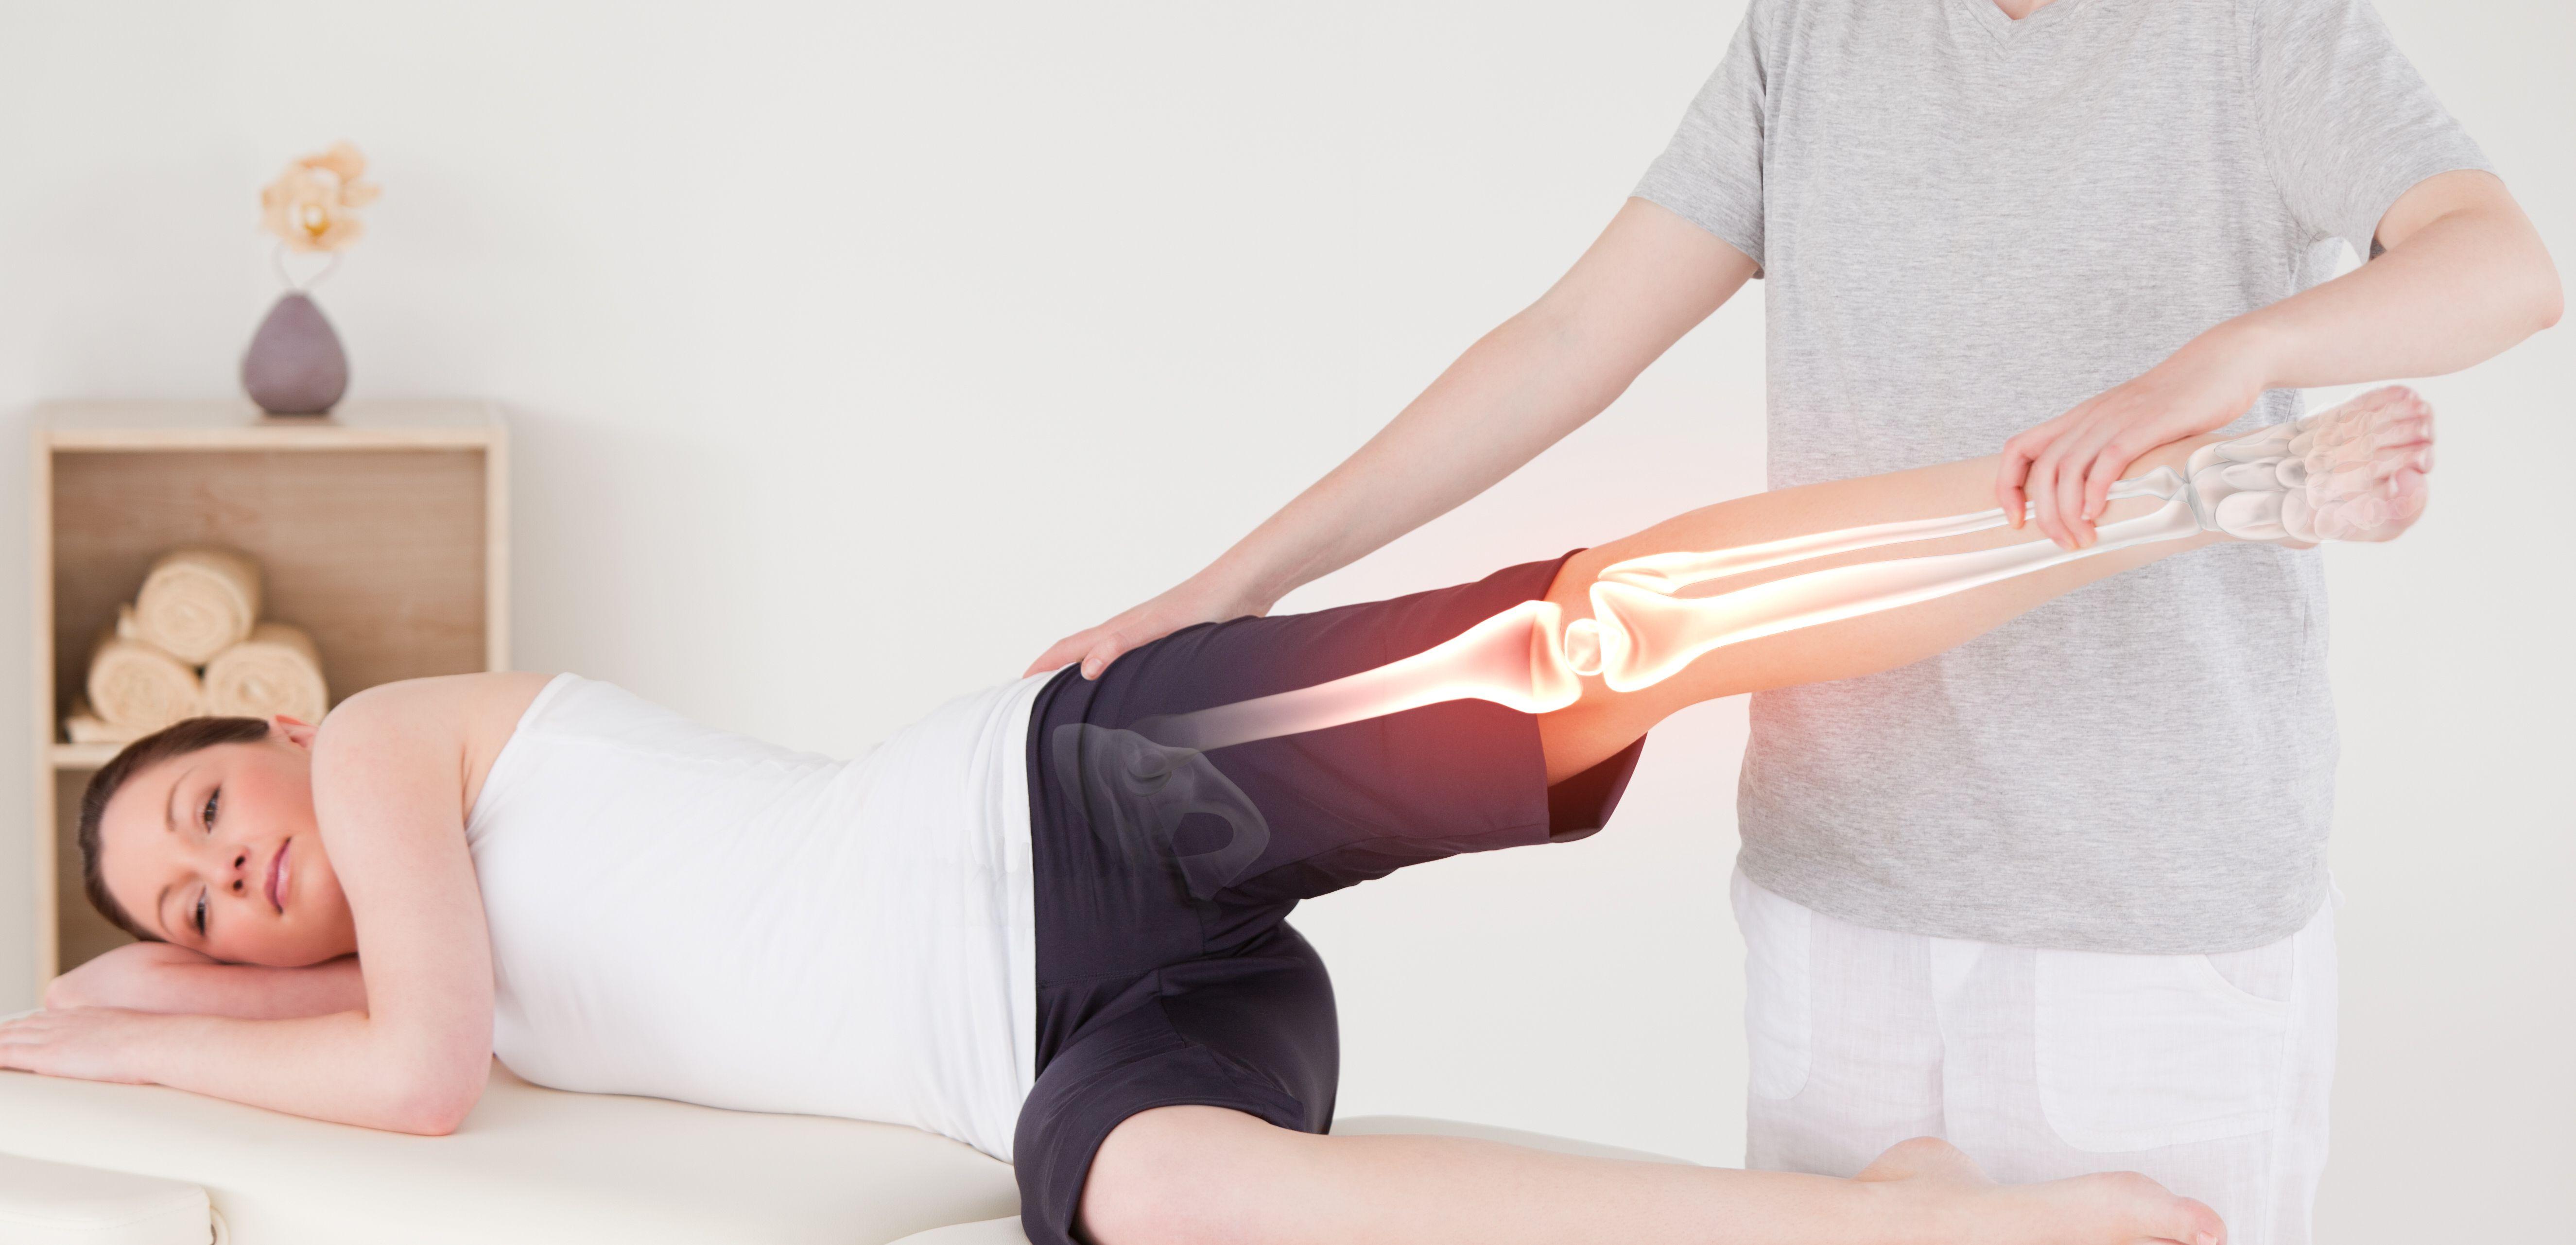 Tratamientos para lesiones deportivas en Zaragoza